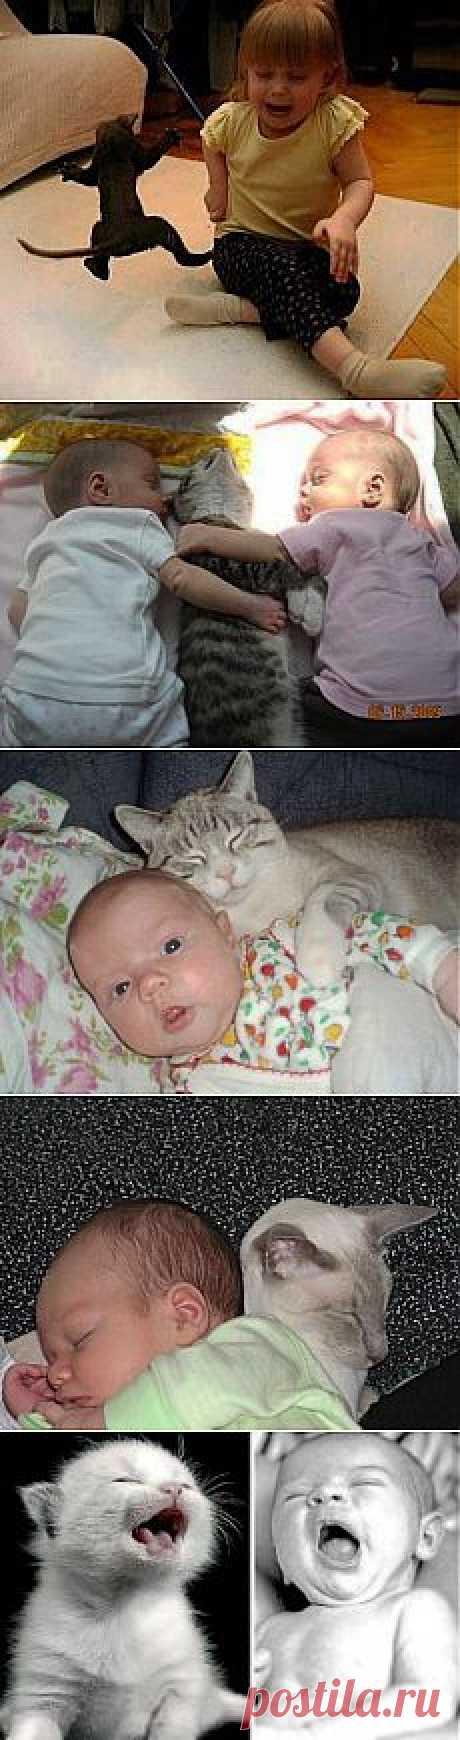 (+1) тема - Ребята и котята | ЛЮБИМЫЕ ФОТО